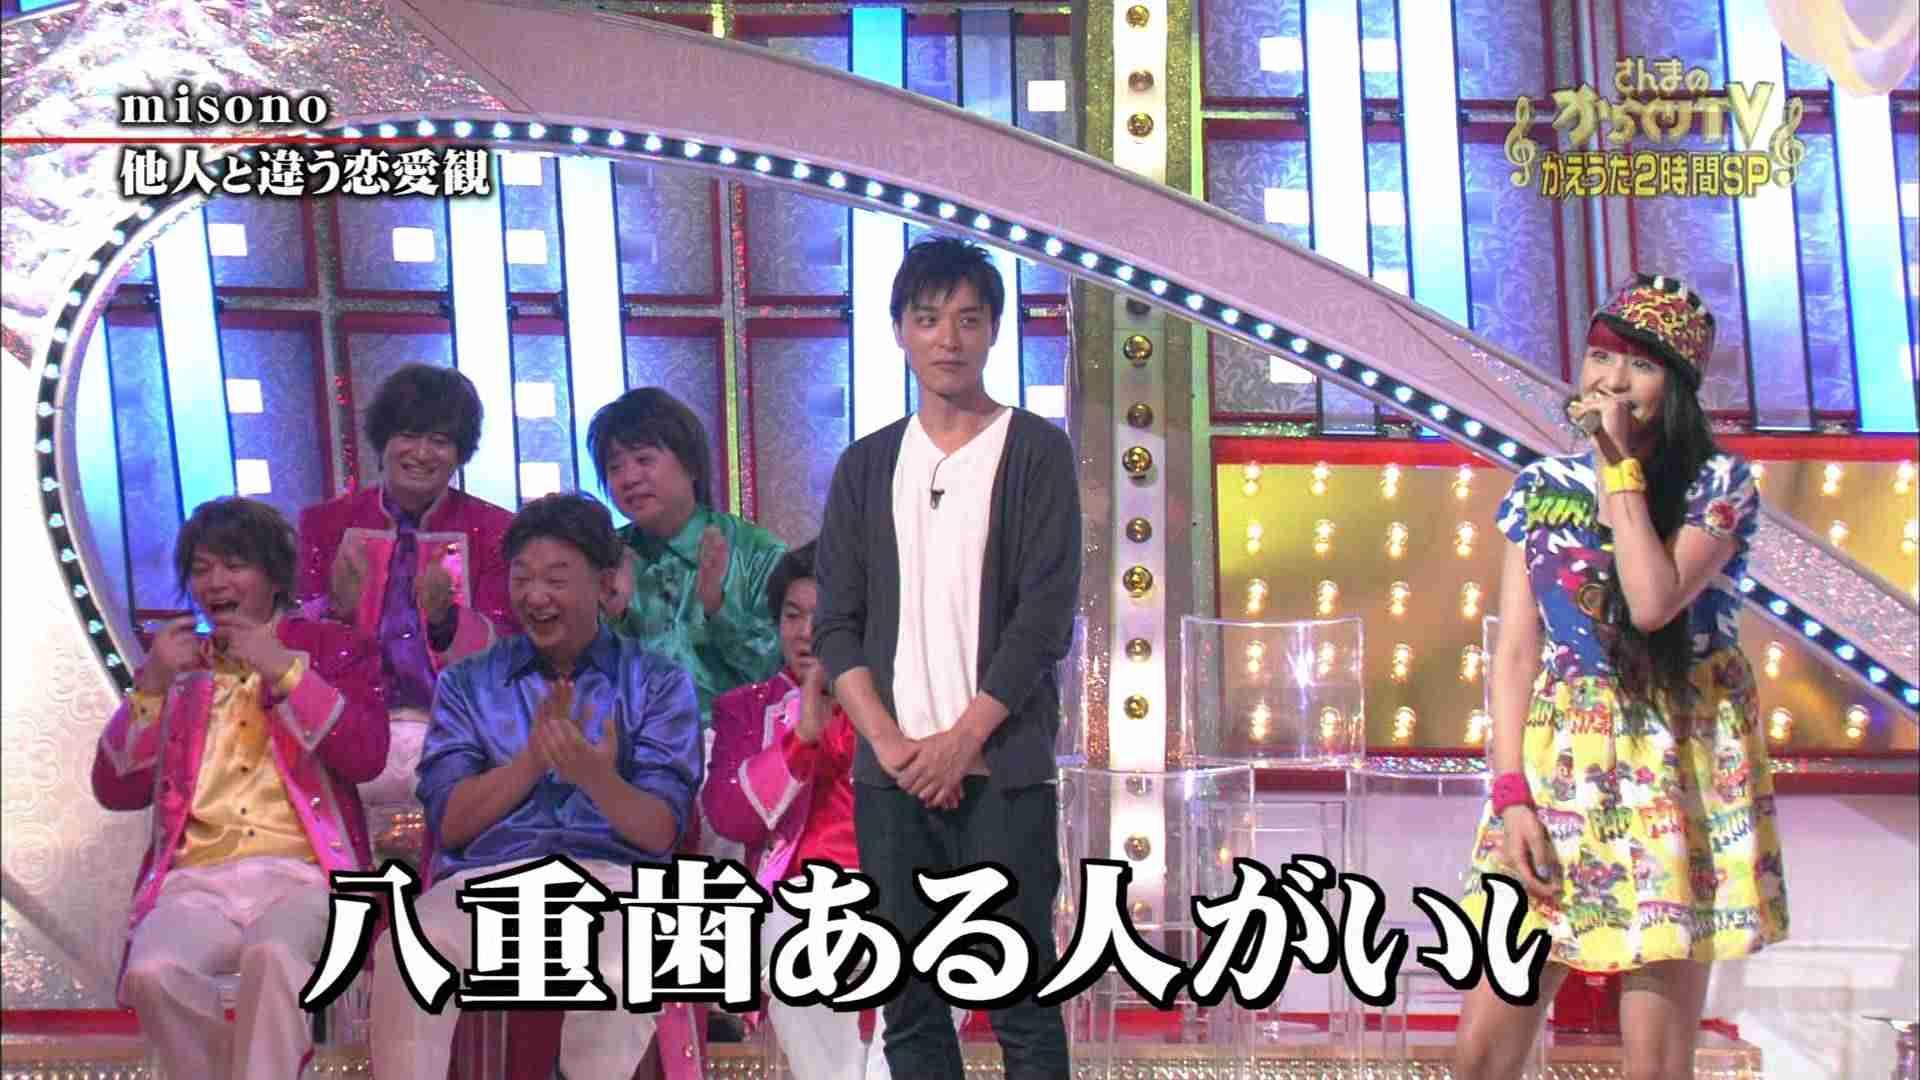 misono いろんな人の子どもが産みたい 「ロマンスはご無沙汰」 - YouTube